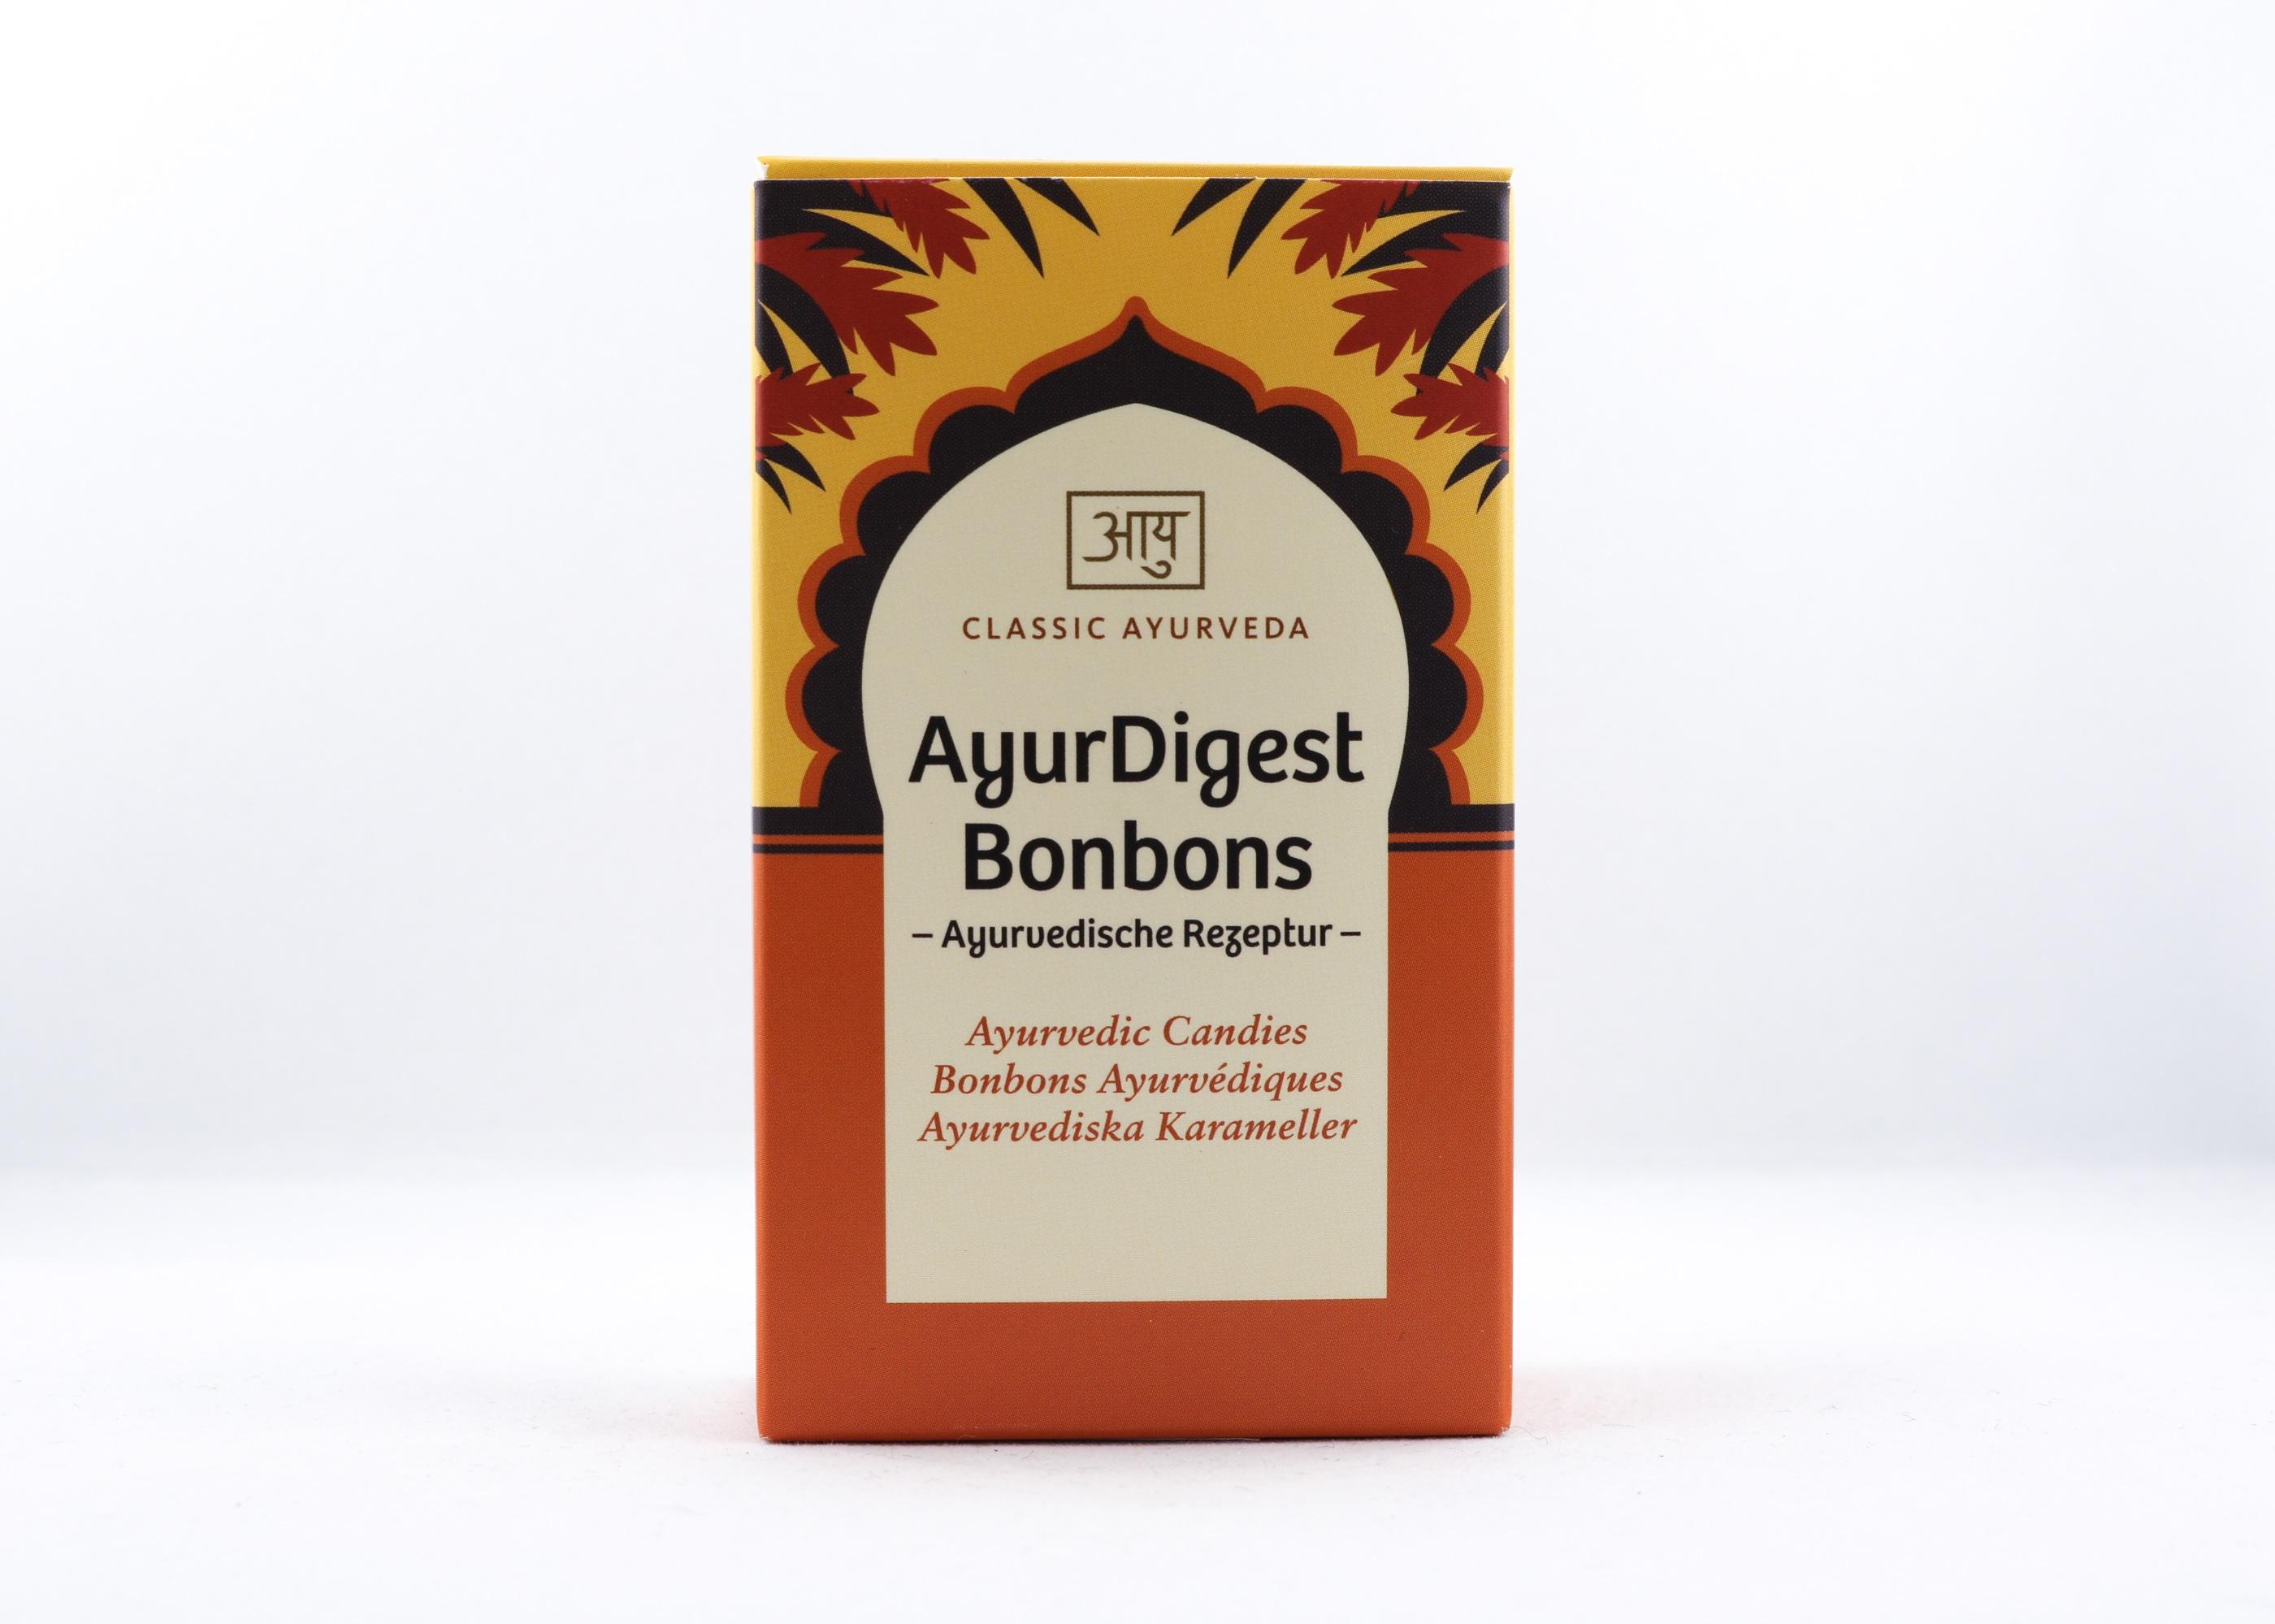 AyurDigest Bonbons Wellness Ayurveda Halmstadmassören Halmstad Sverige Sweden svensk sött tabletter